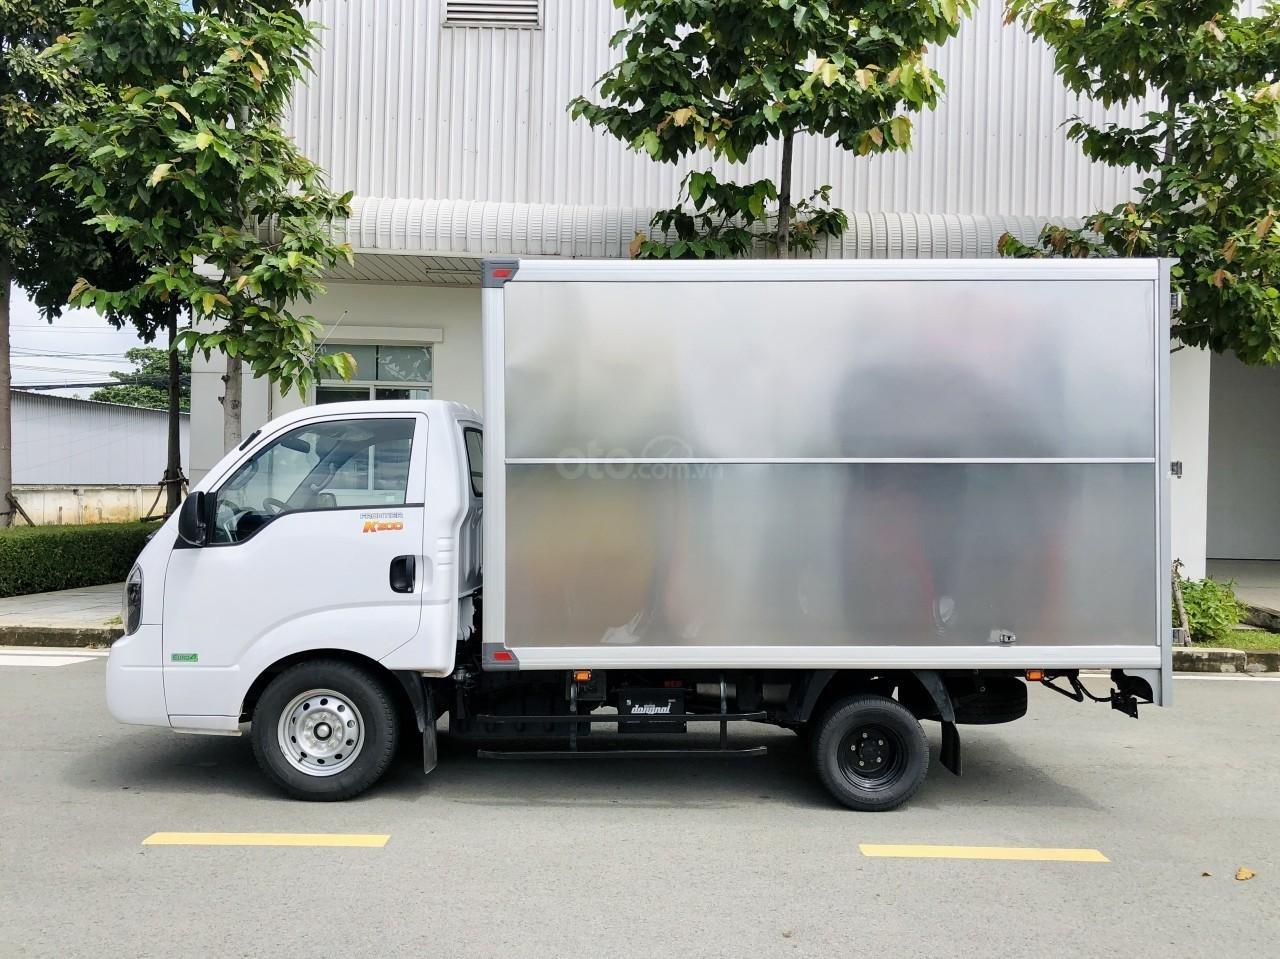 Xe tải Kia 1T / xe tải Kia 1T4/ xe tải Kia 1T9/ Kia K200/ trả góp 75% (3)